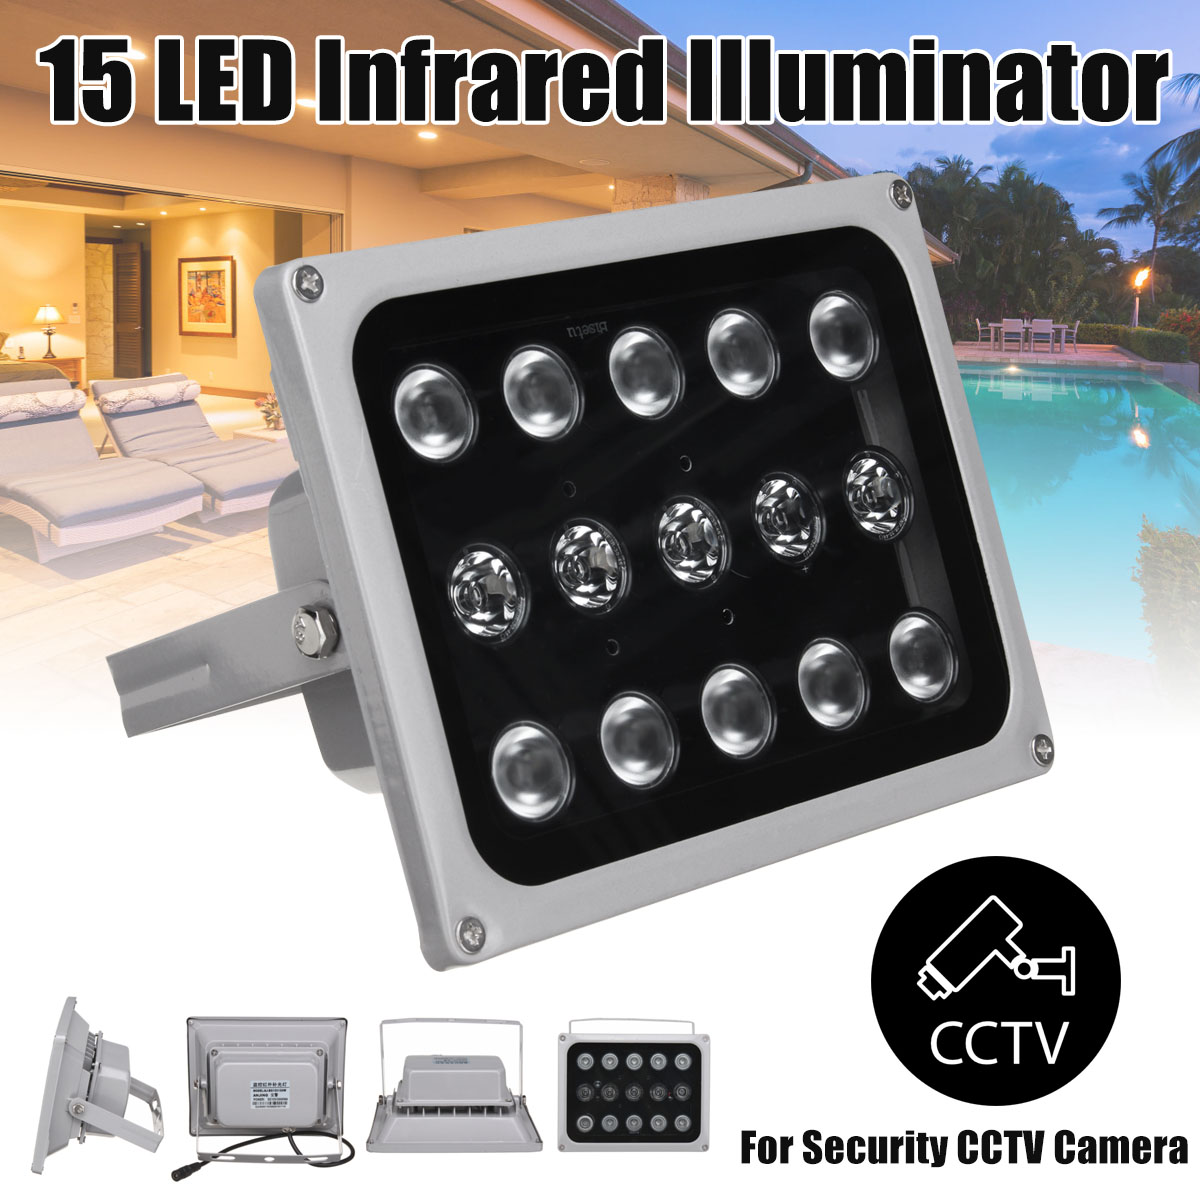 Waterproof 12V 15 LED IR For Illuminators IR Infrared Light LED CCTV Camera Night Vision IR Fill Light For CCTV Security Camera